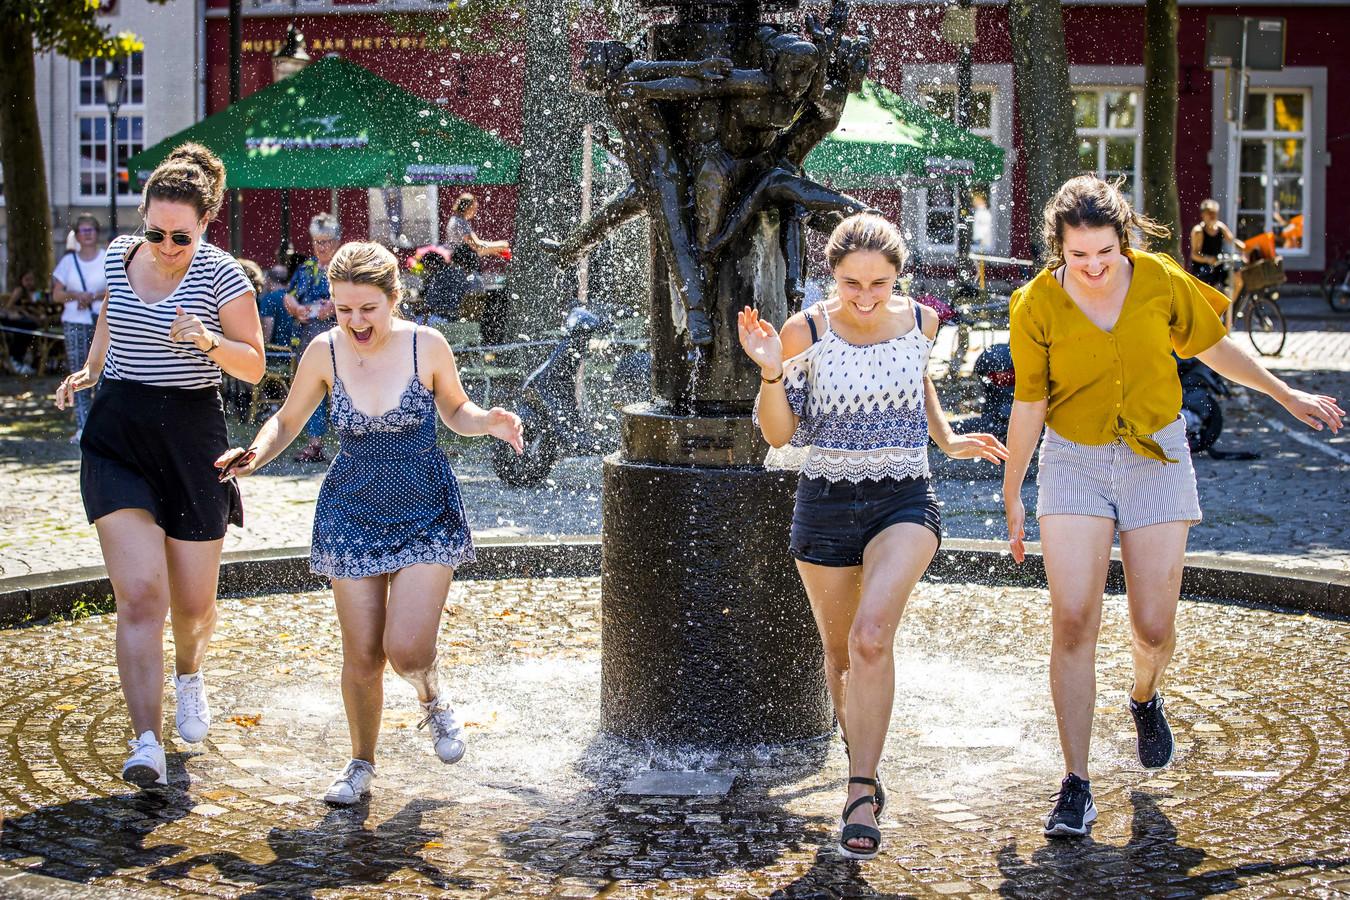 Met temperaturen boven de dertig graden zoeken mensen verkoeling bij de fontein in Maastricht.